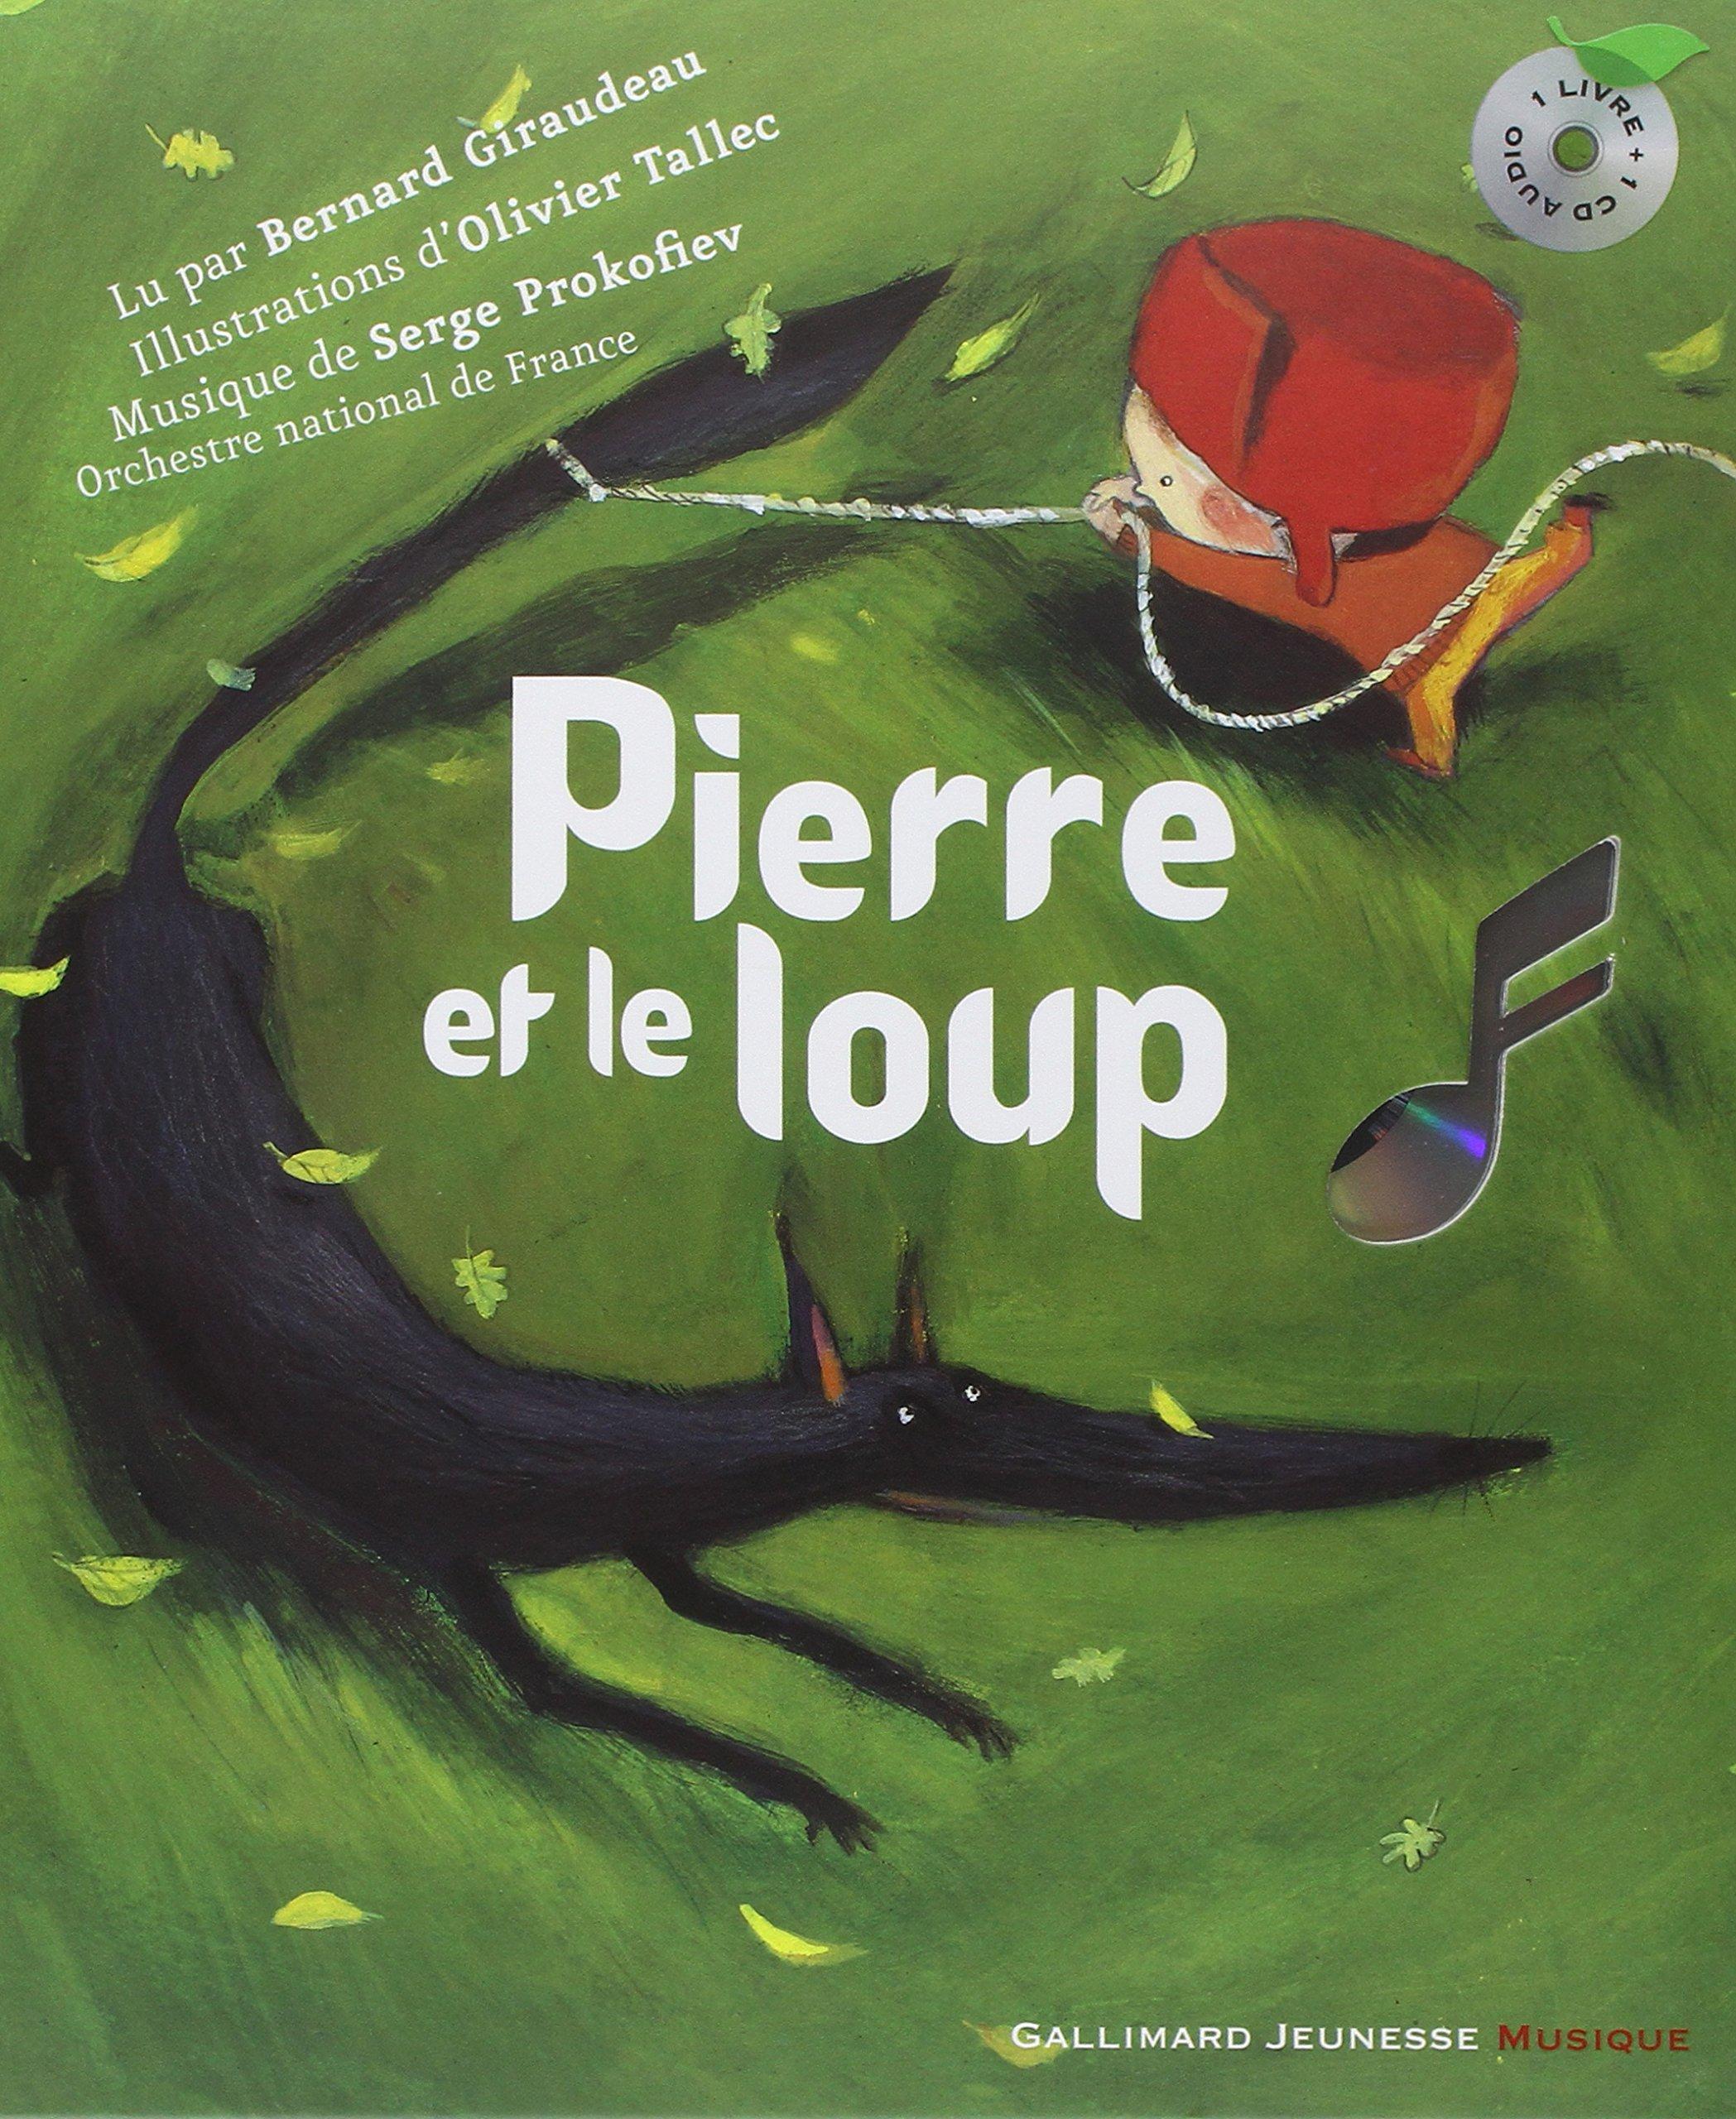 Pierre et le loup p riode 5 ms la maternelle de wendy - Coloriage pierre et le loup ...